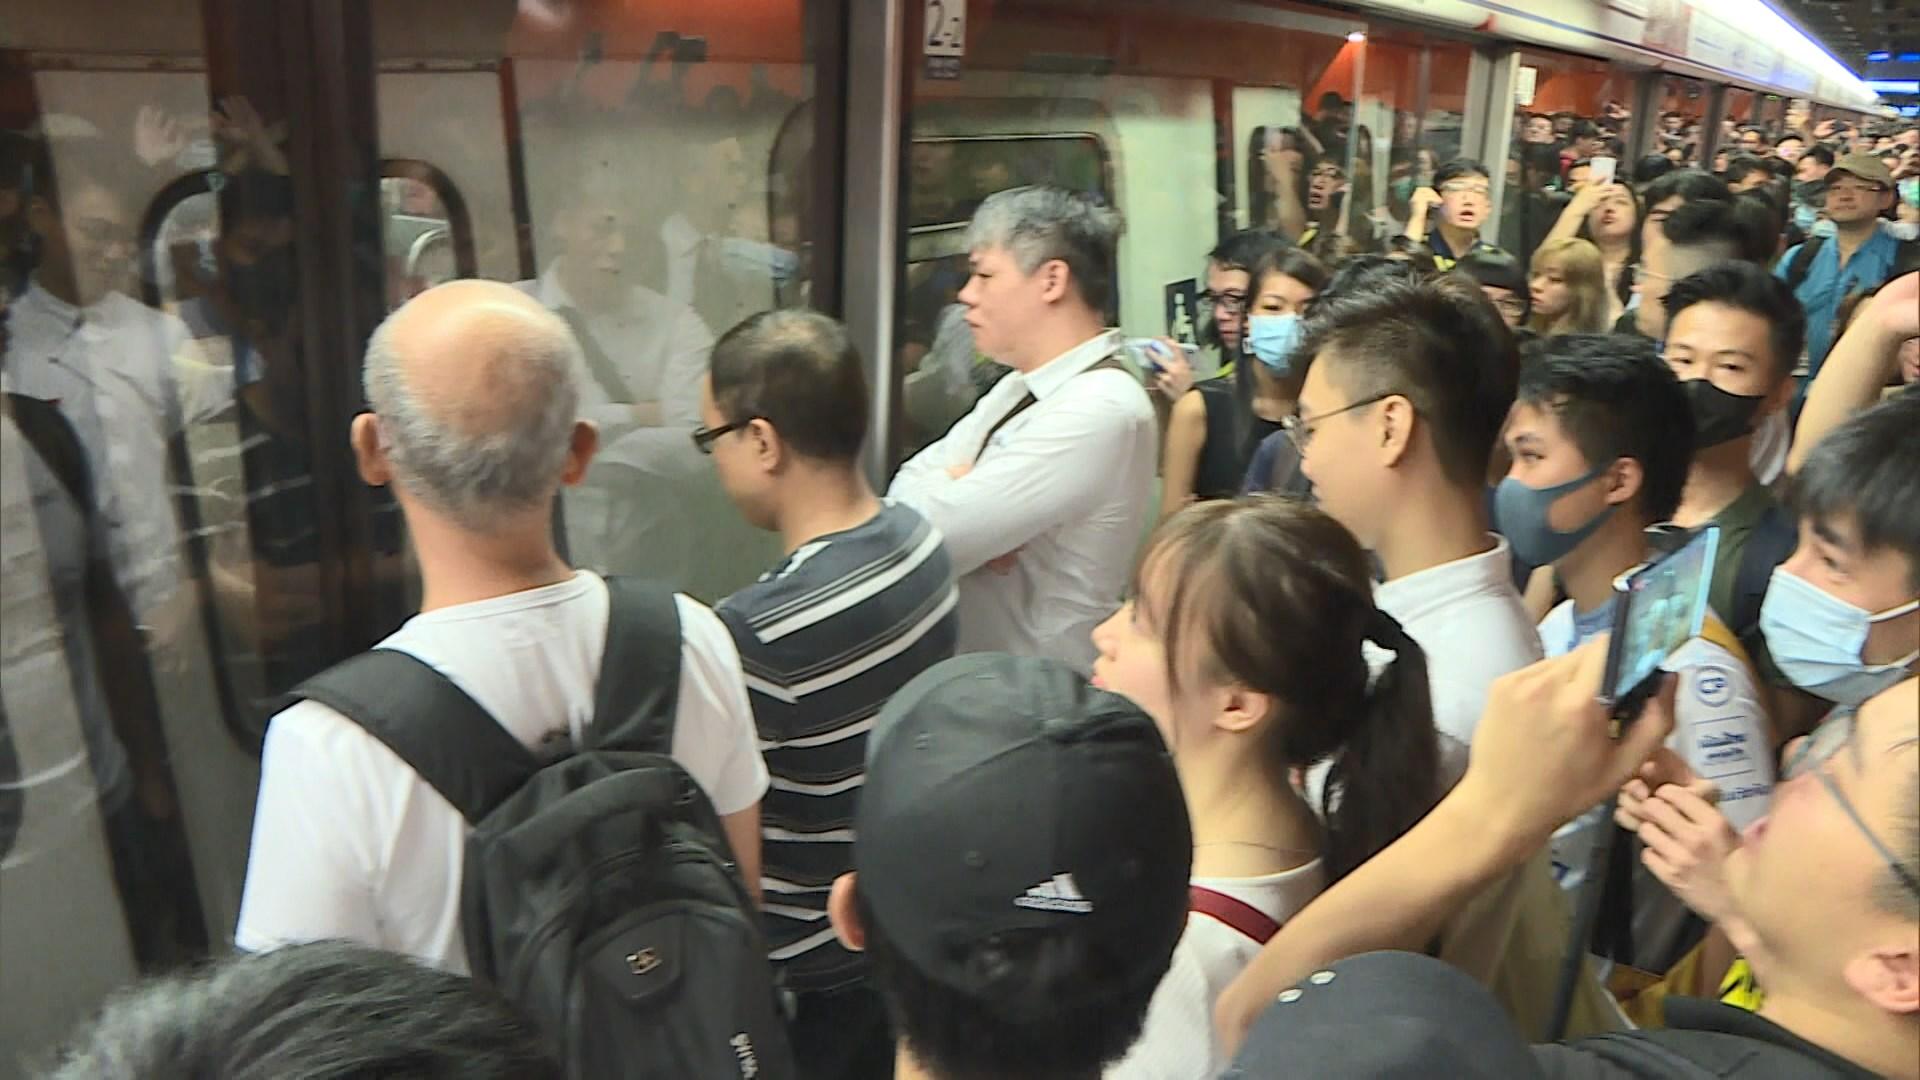 受不合作運動影響 港島綫服務受阻個多小時